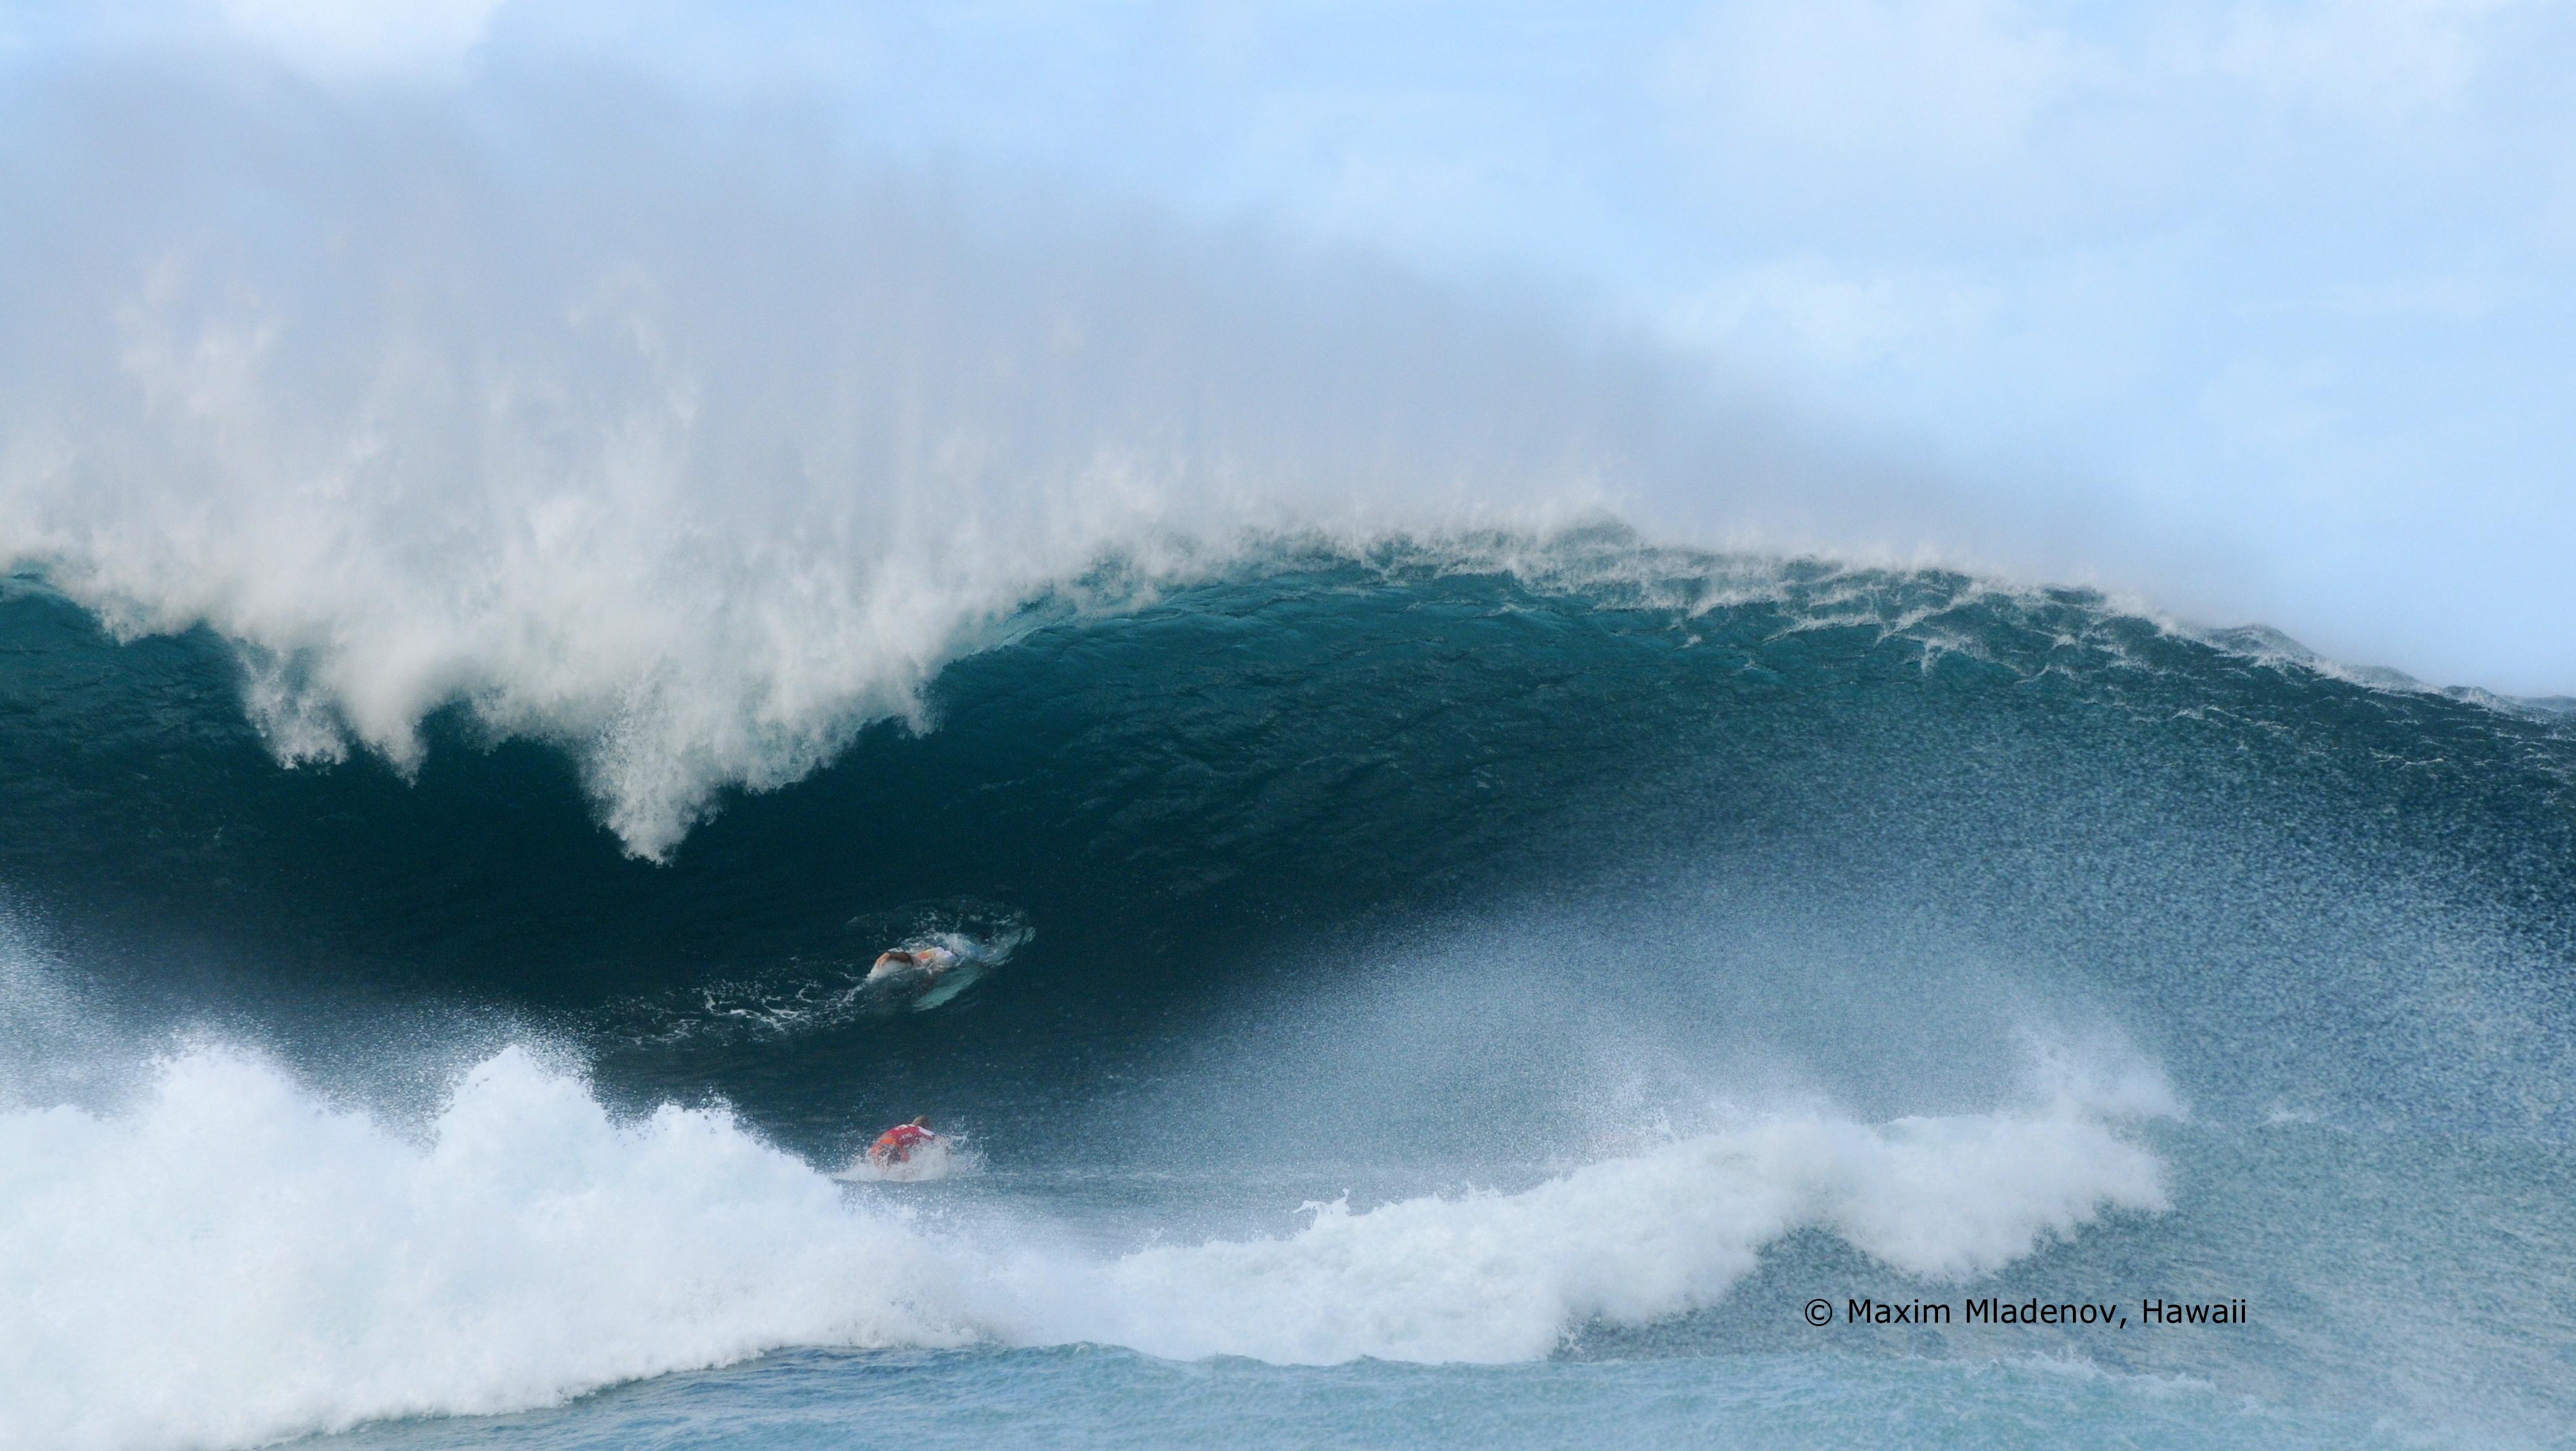 Quand la série vous tombe sur la tête © Maxim Mladenov, Hawaii